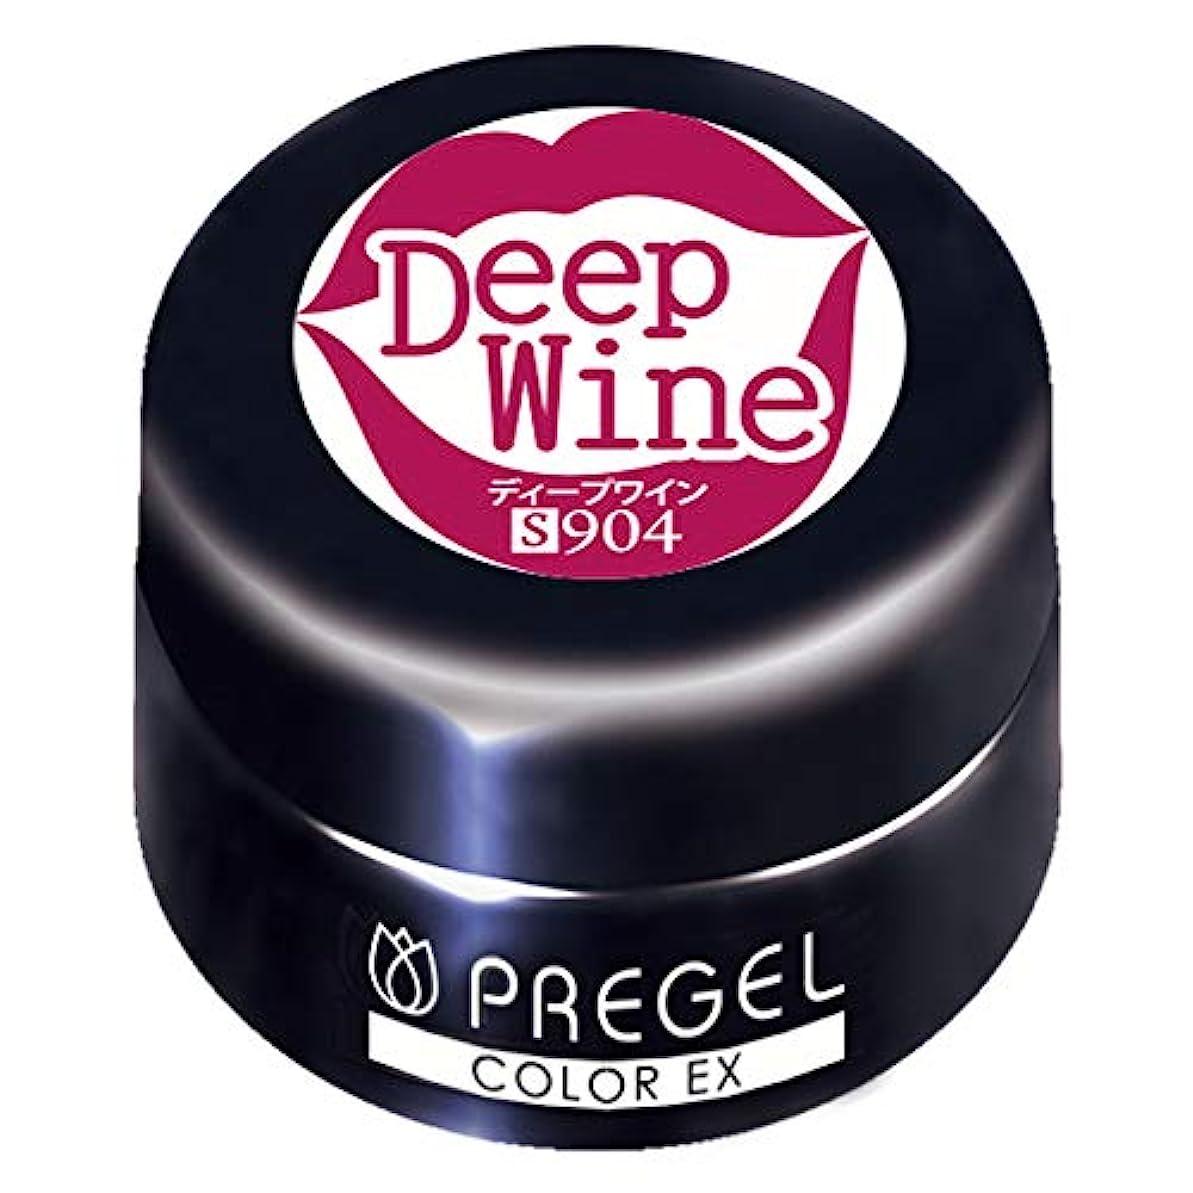 哲学悲惨終わりPRE GEL カラーEX ディープワイン 3g PG-CE904